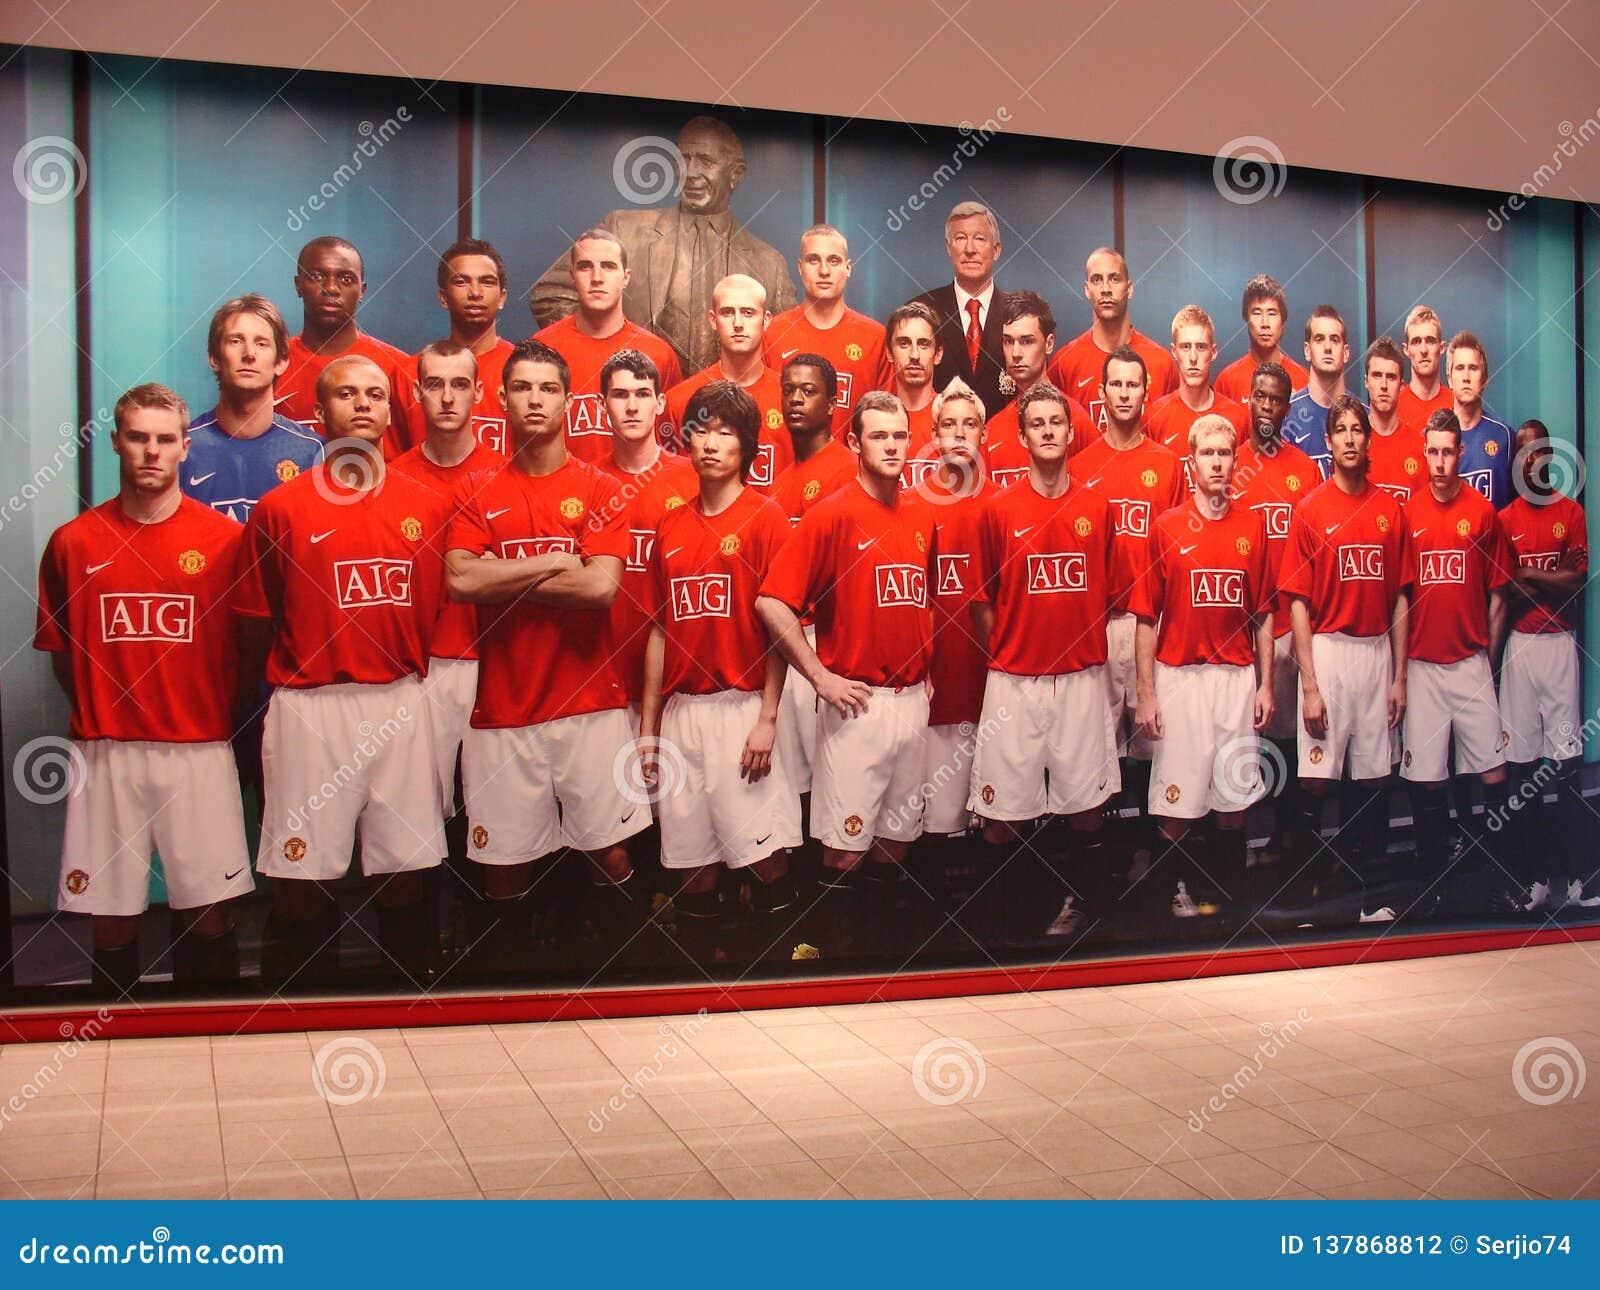 Фотки футбольной команды манчестер юнайтед